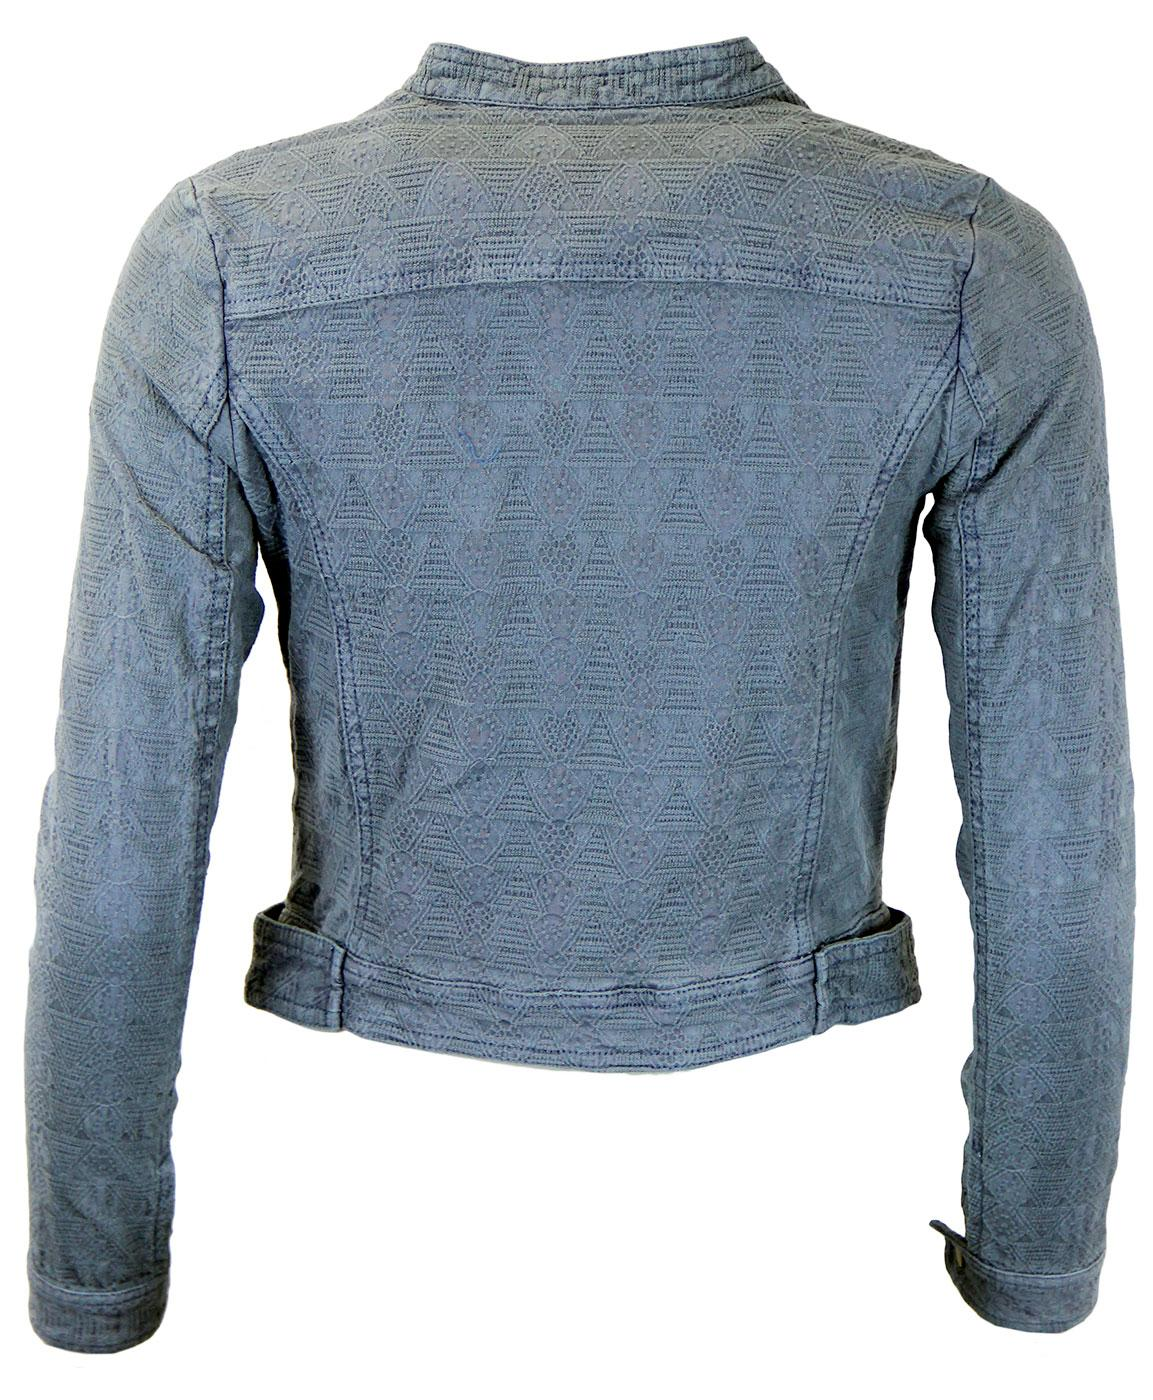 buy popular 3c70a e774e PEPE JEANS Regent Retro Skinny Denim Jeans M46